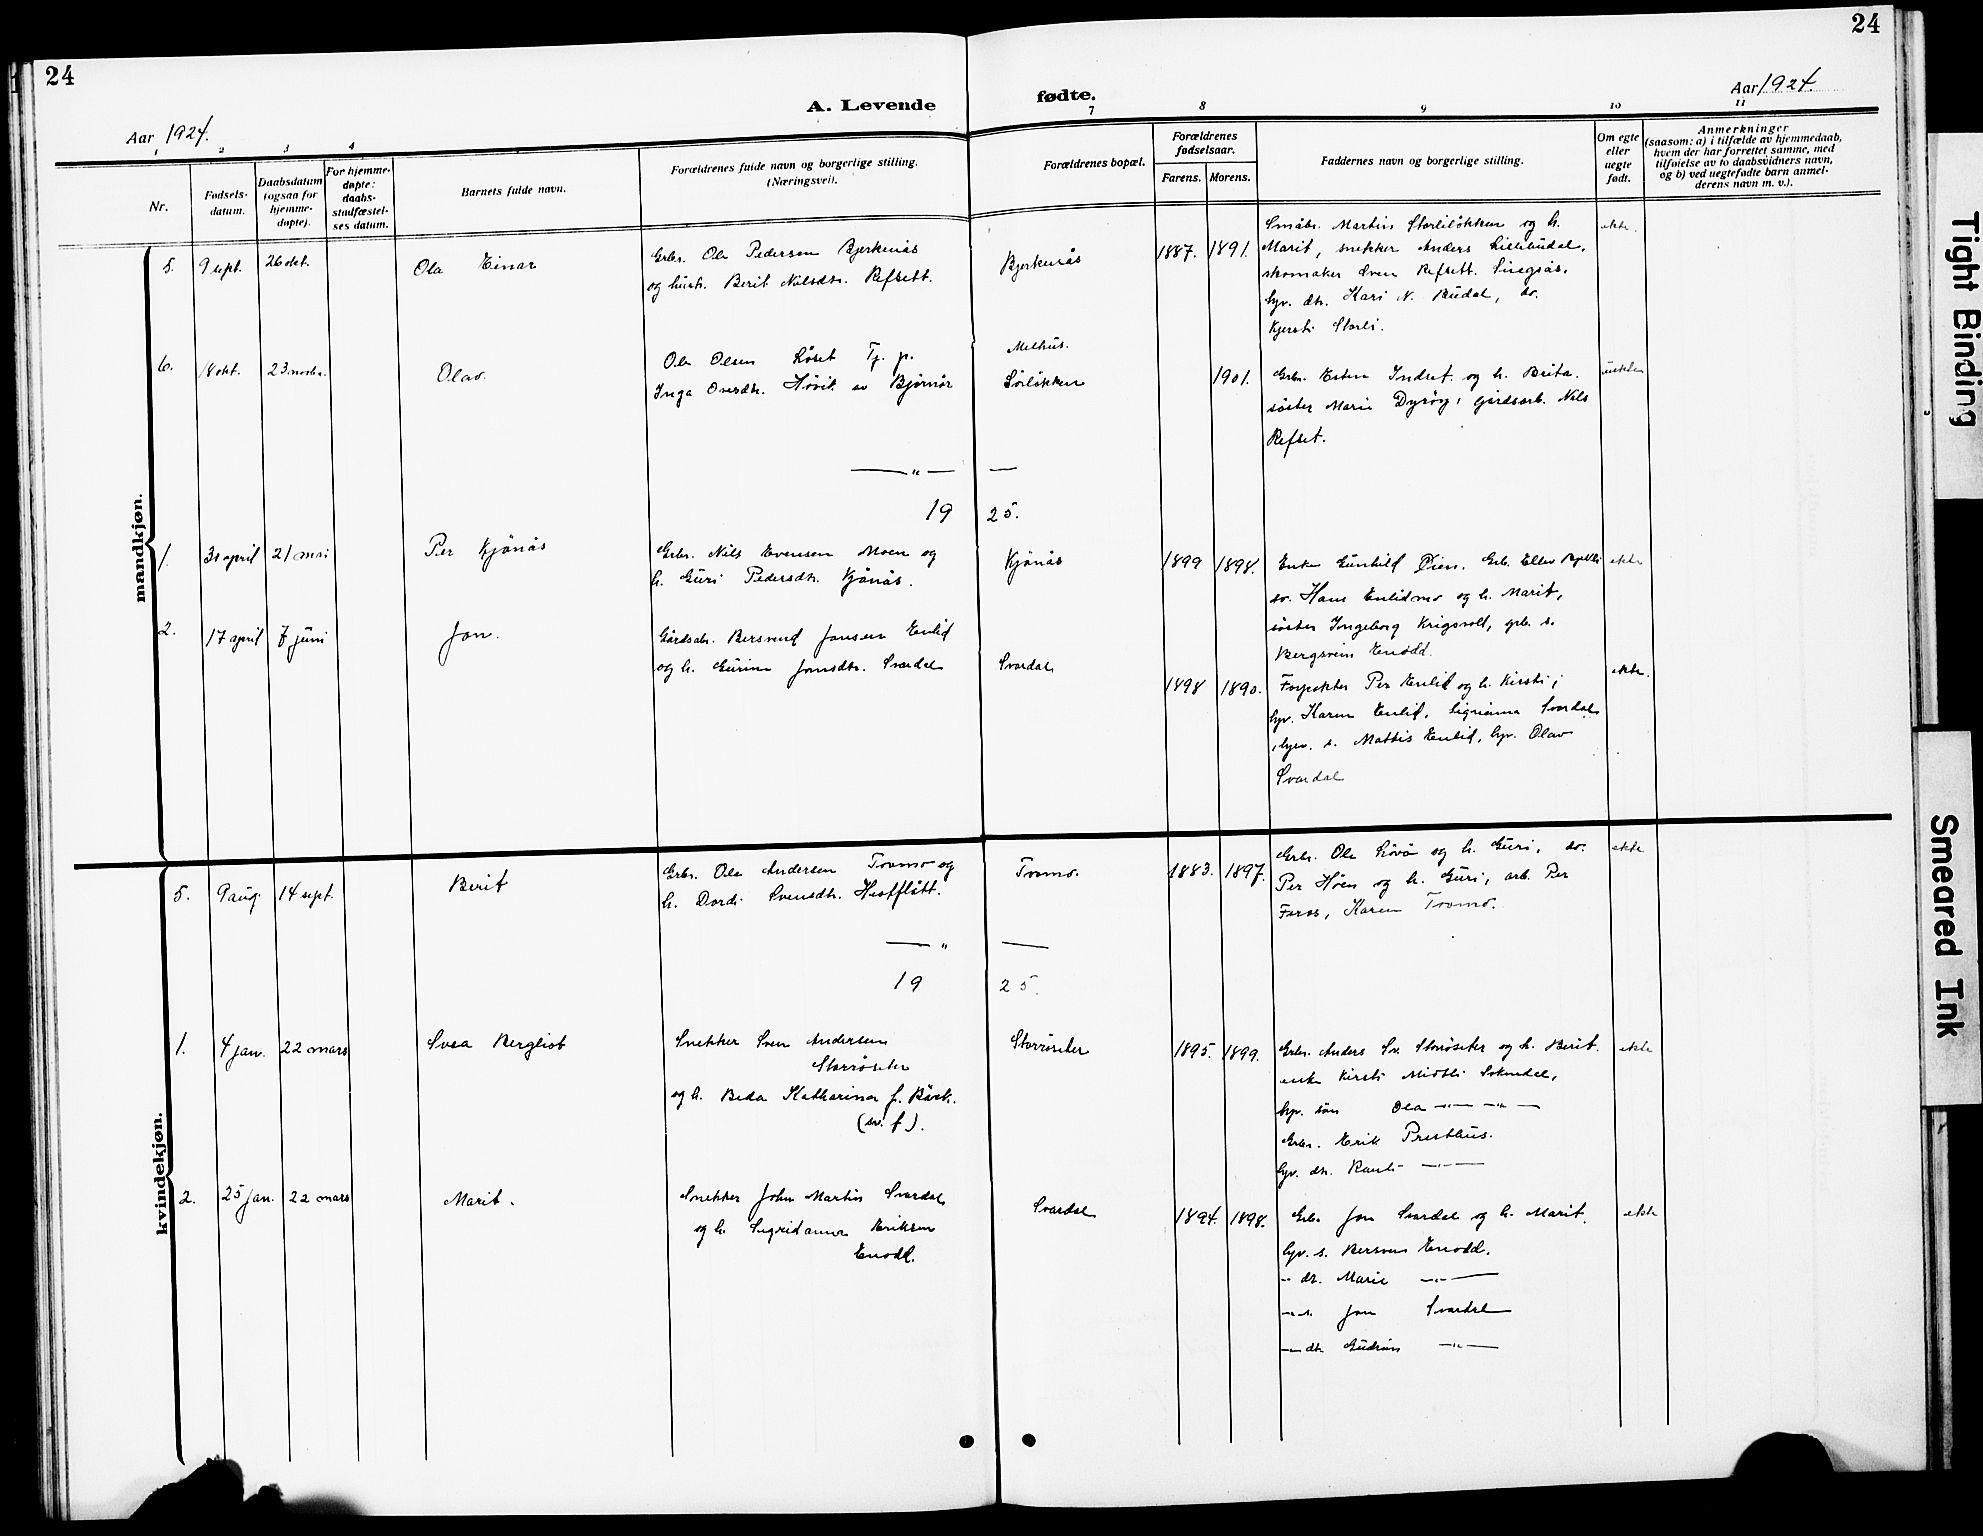 SAT, Ministerialprotokoller, klokkerbøker og fødselsregistre - Sør-Trøndelag, 690/L1052: Klokkerbok nr. 690C02, 1907-1929, s. 24